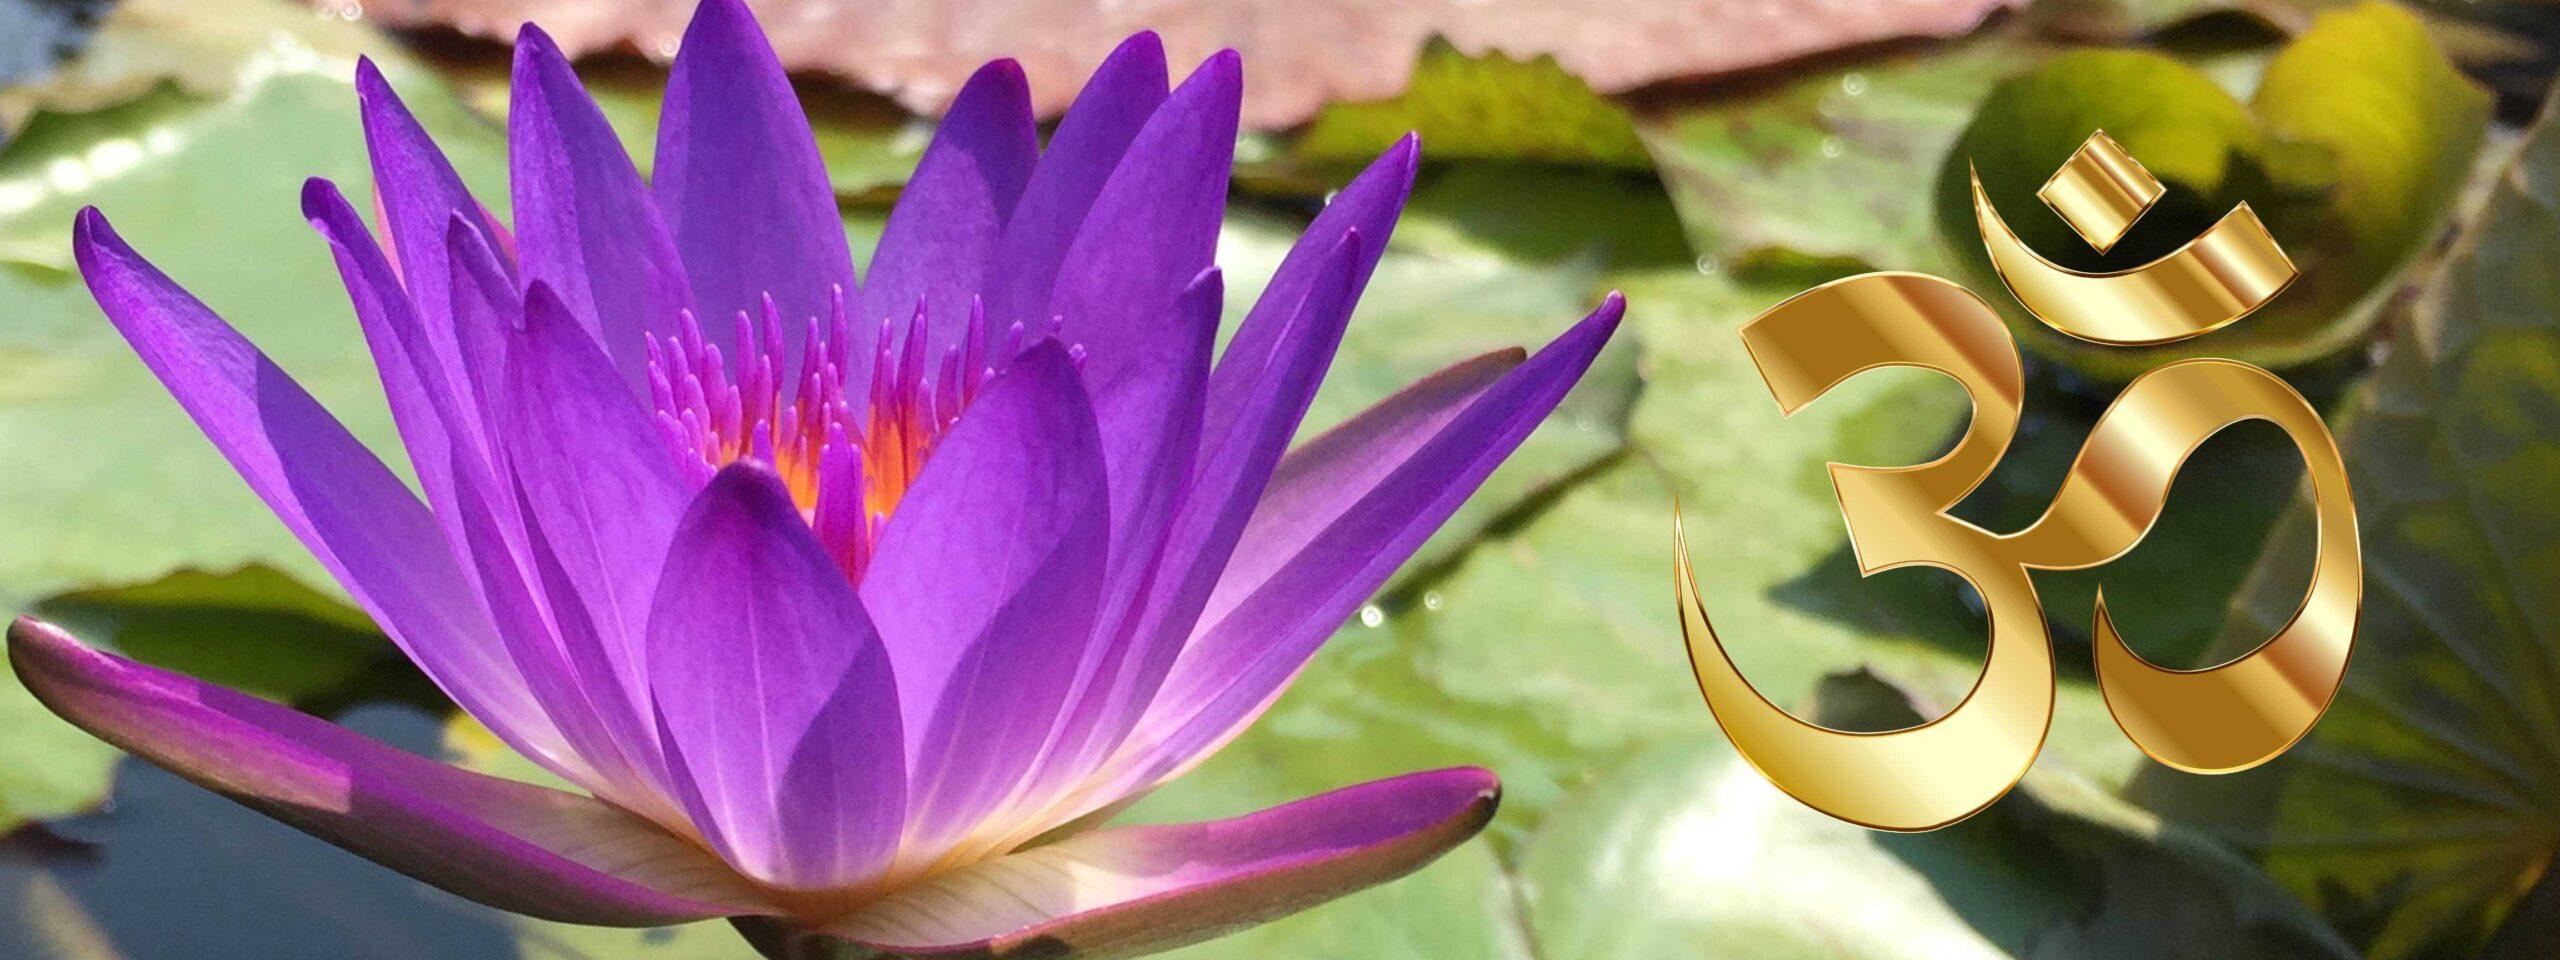 Violette Lotusblume neben pinken OM